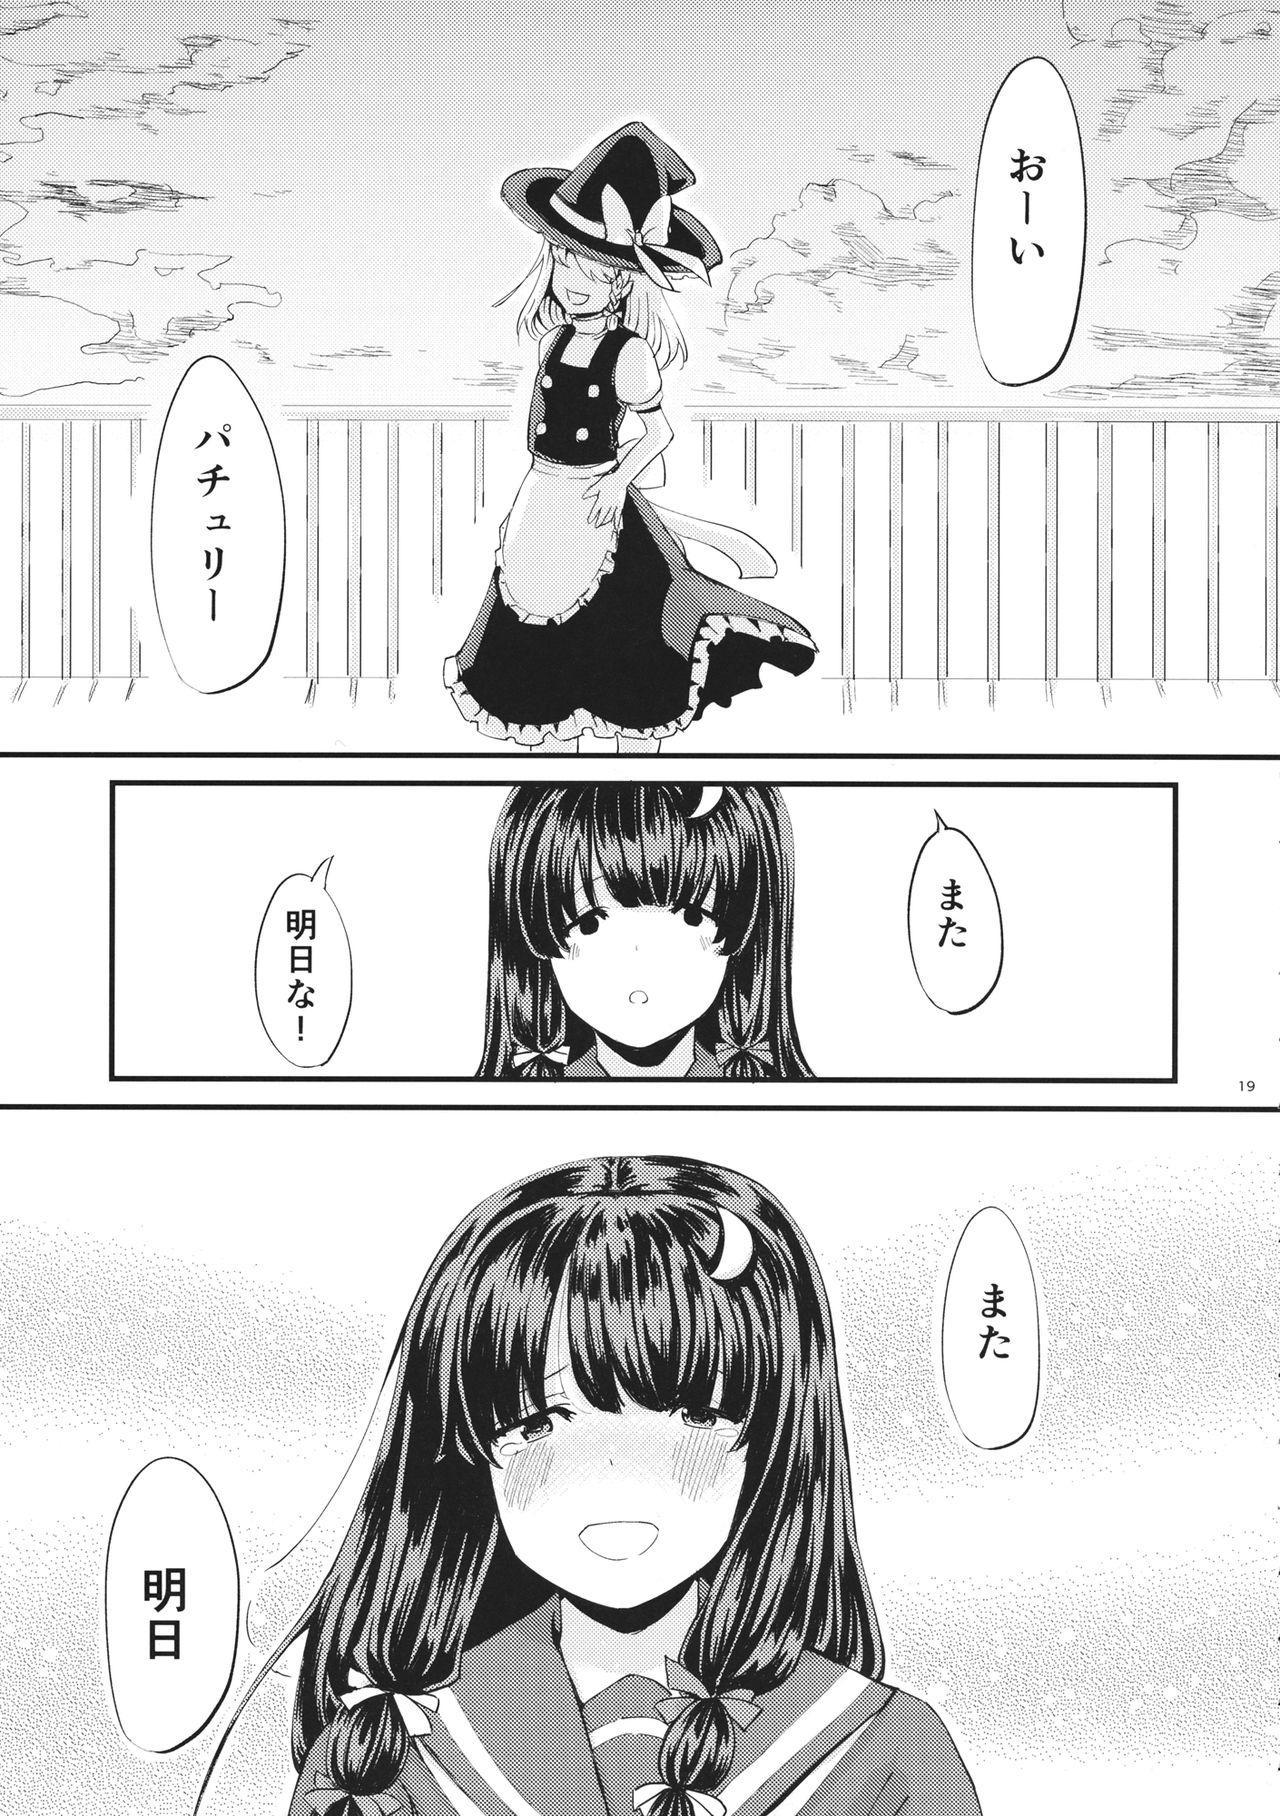 Sekai no Hate de Aishiteiru nante Ienai 19